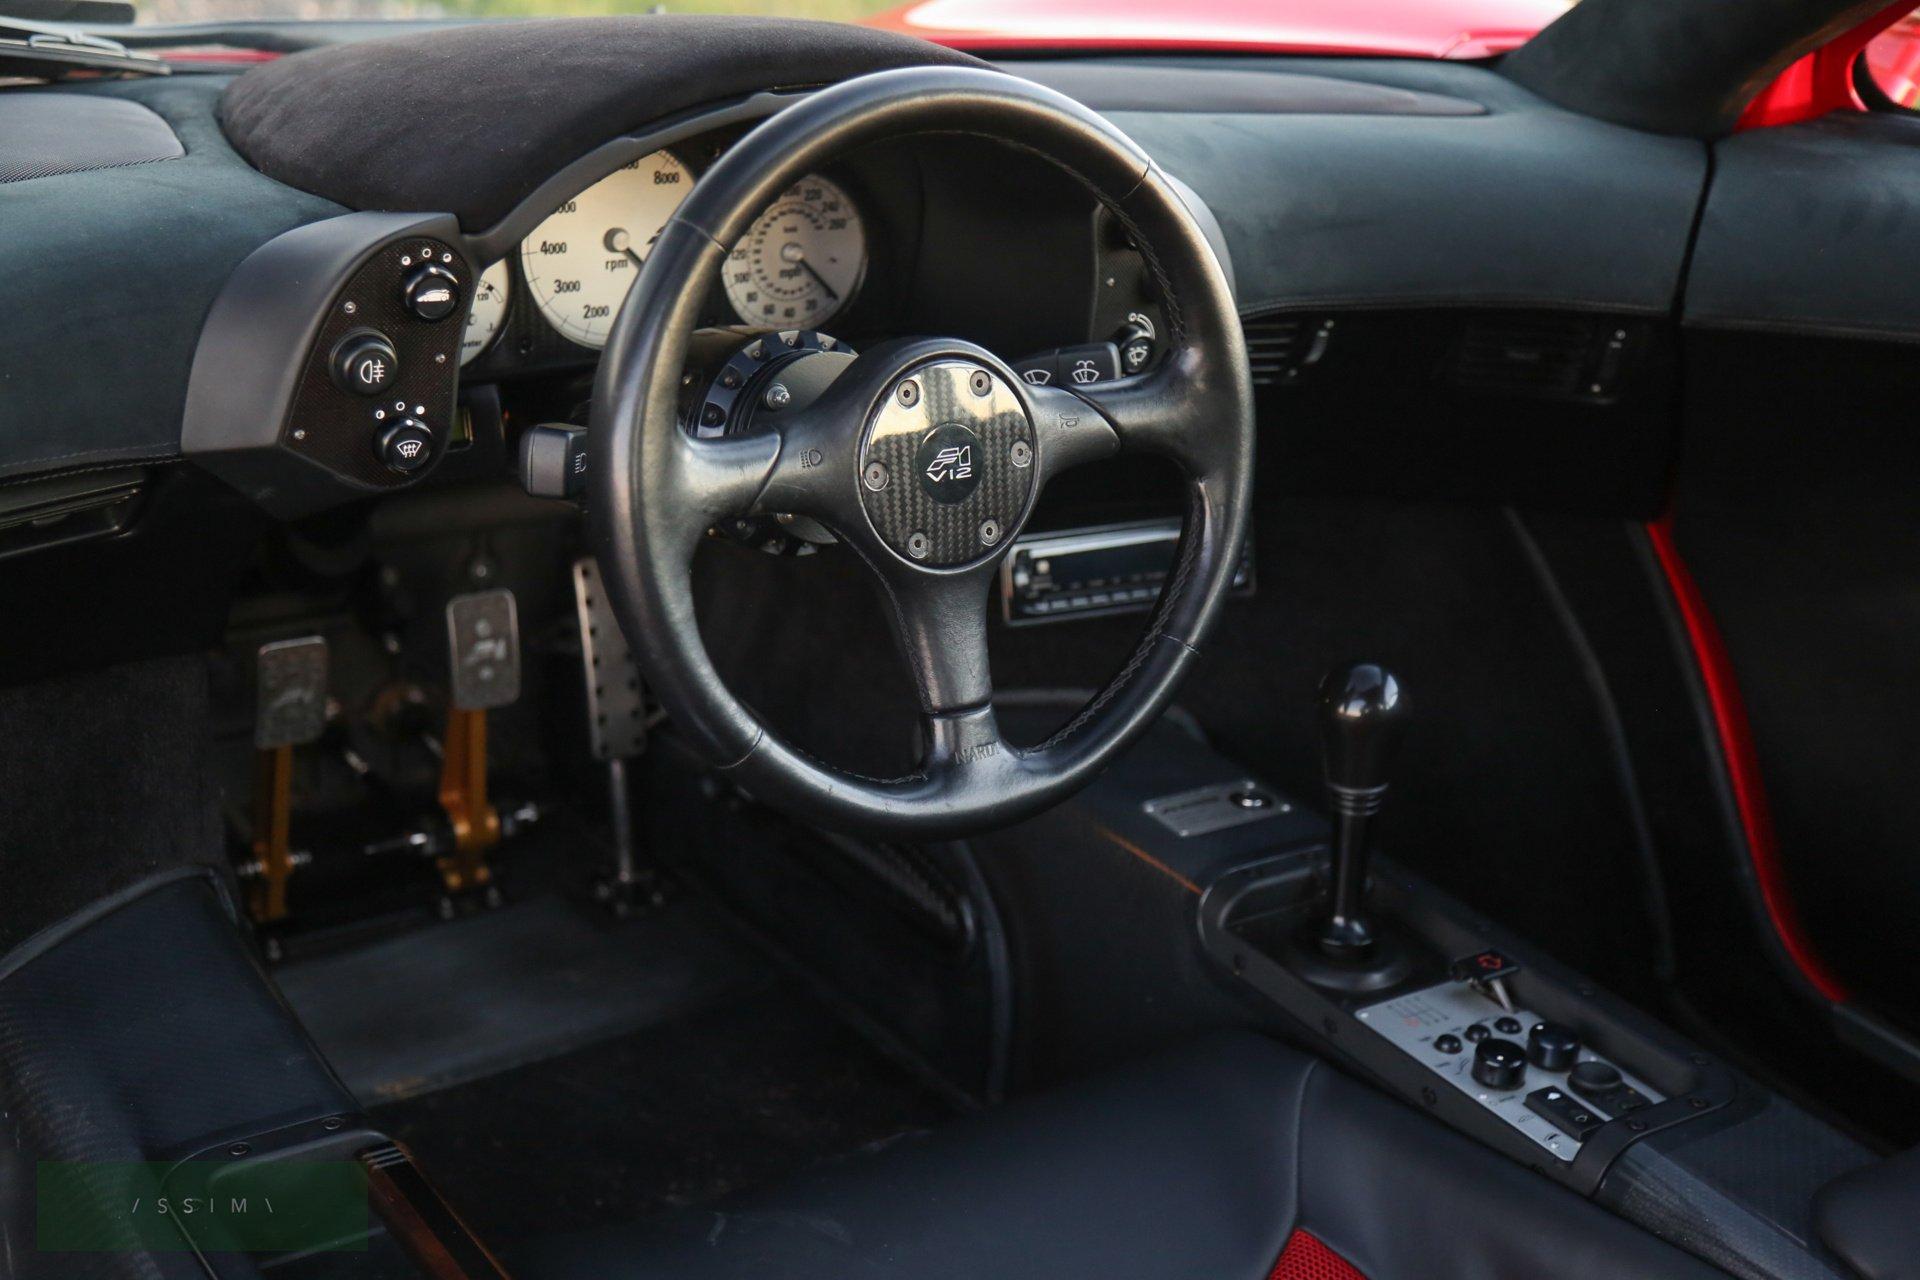 1995 McLaren F1 Steering Wheel